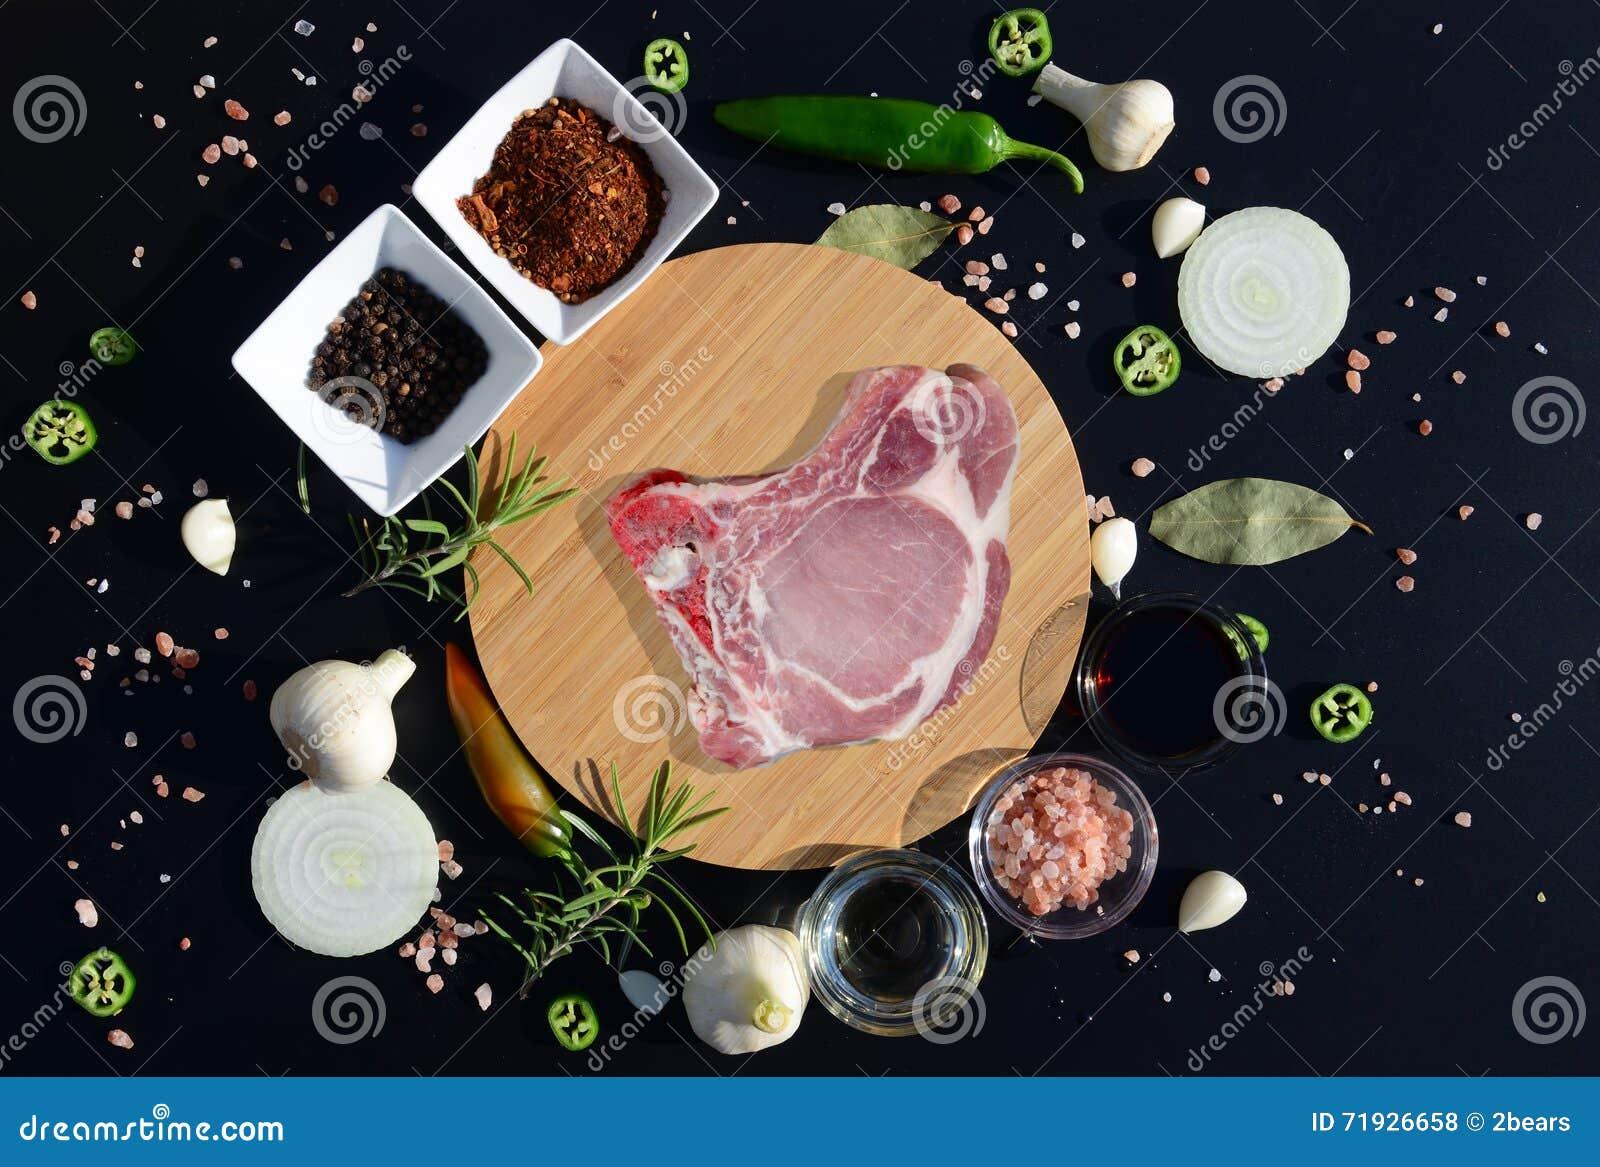 Стейк мяса на разделочной доске и перце, лист залива, розмариновом масле, луках, соли, оливковом масле, соевом соусе